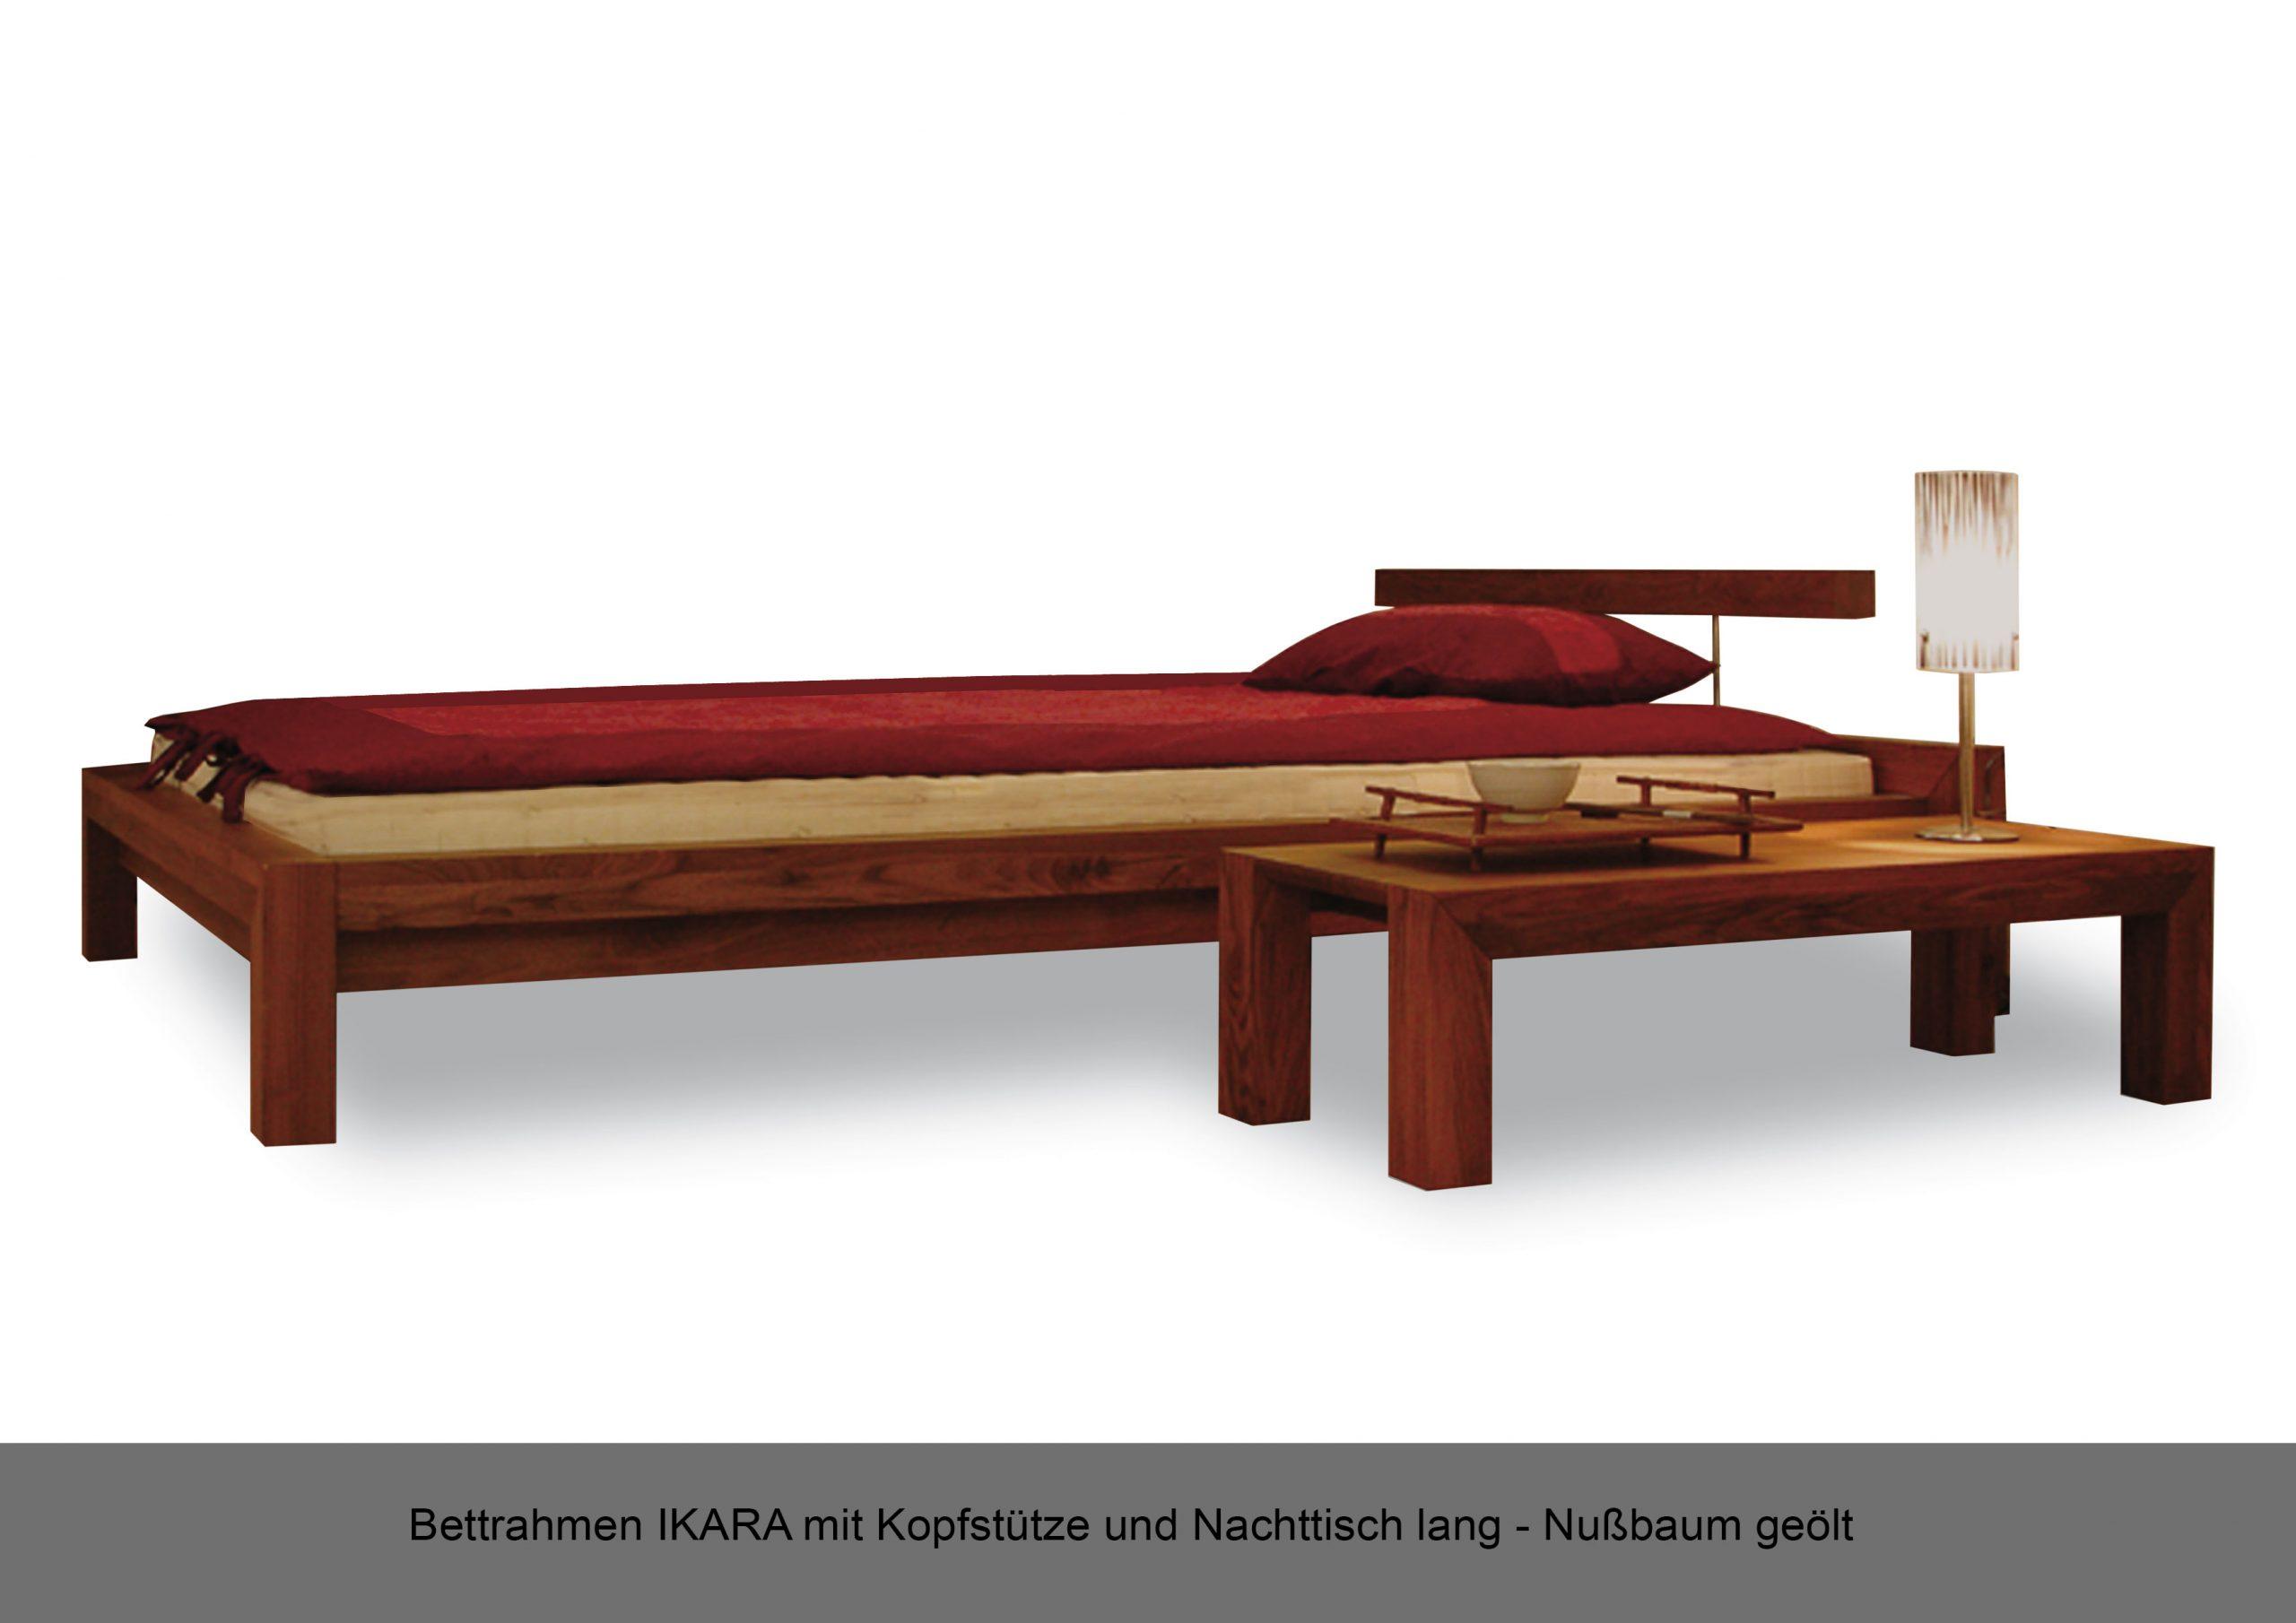 Bettrahmen Massivholz IKARA Kopfstütze Nachttisch lang Nussbaum geölt